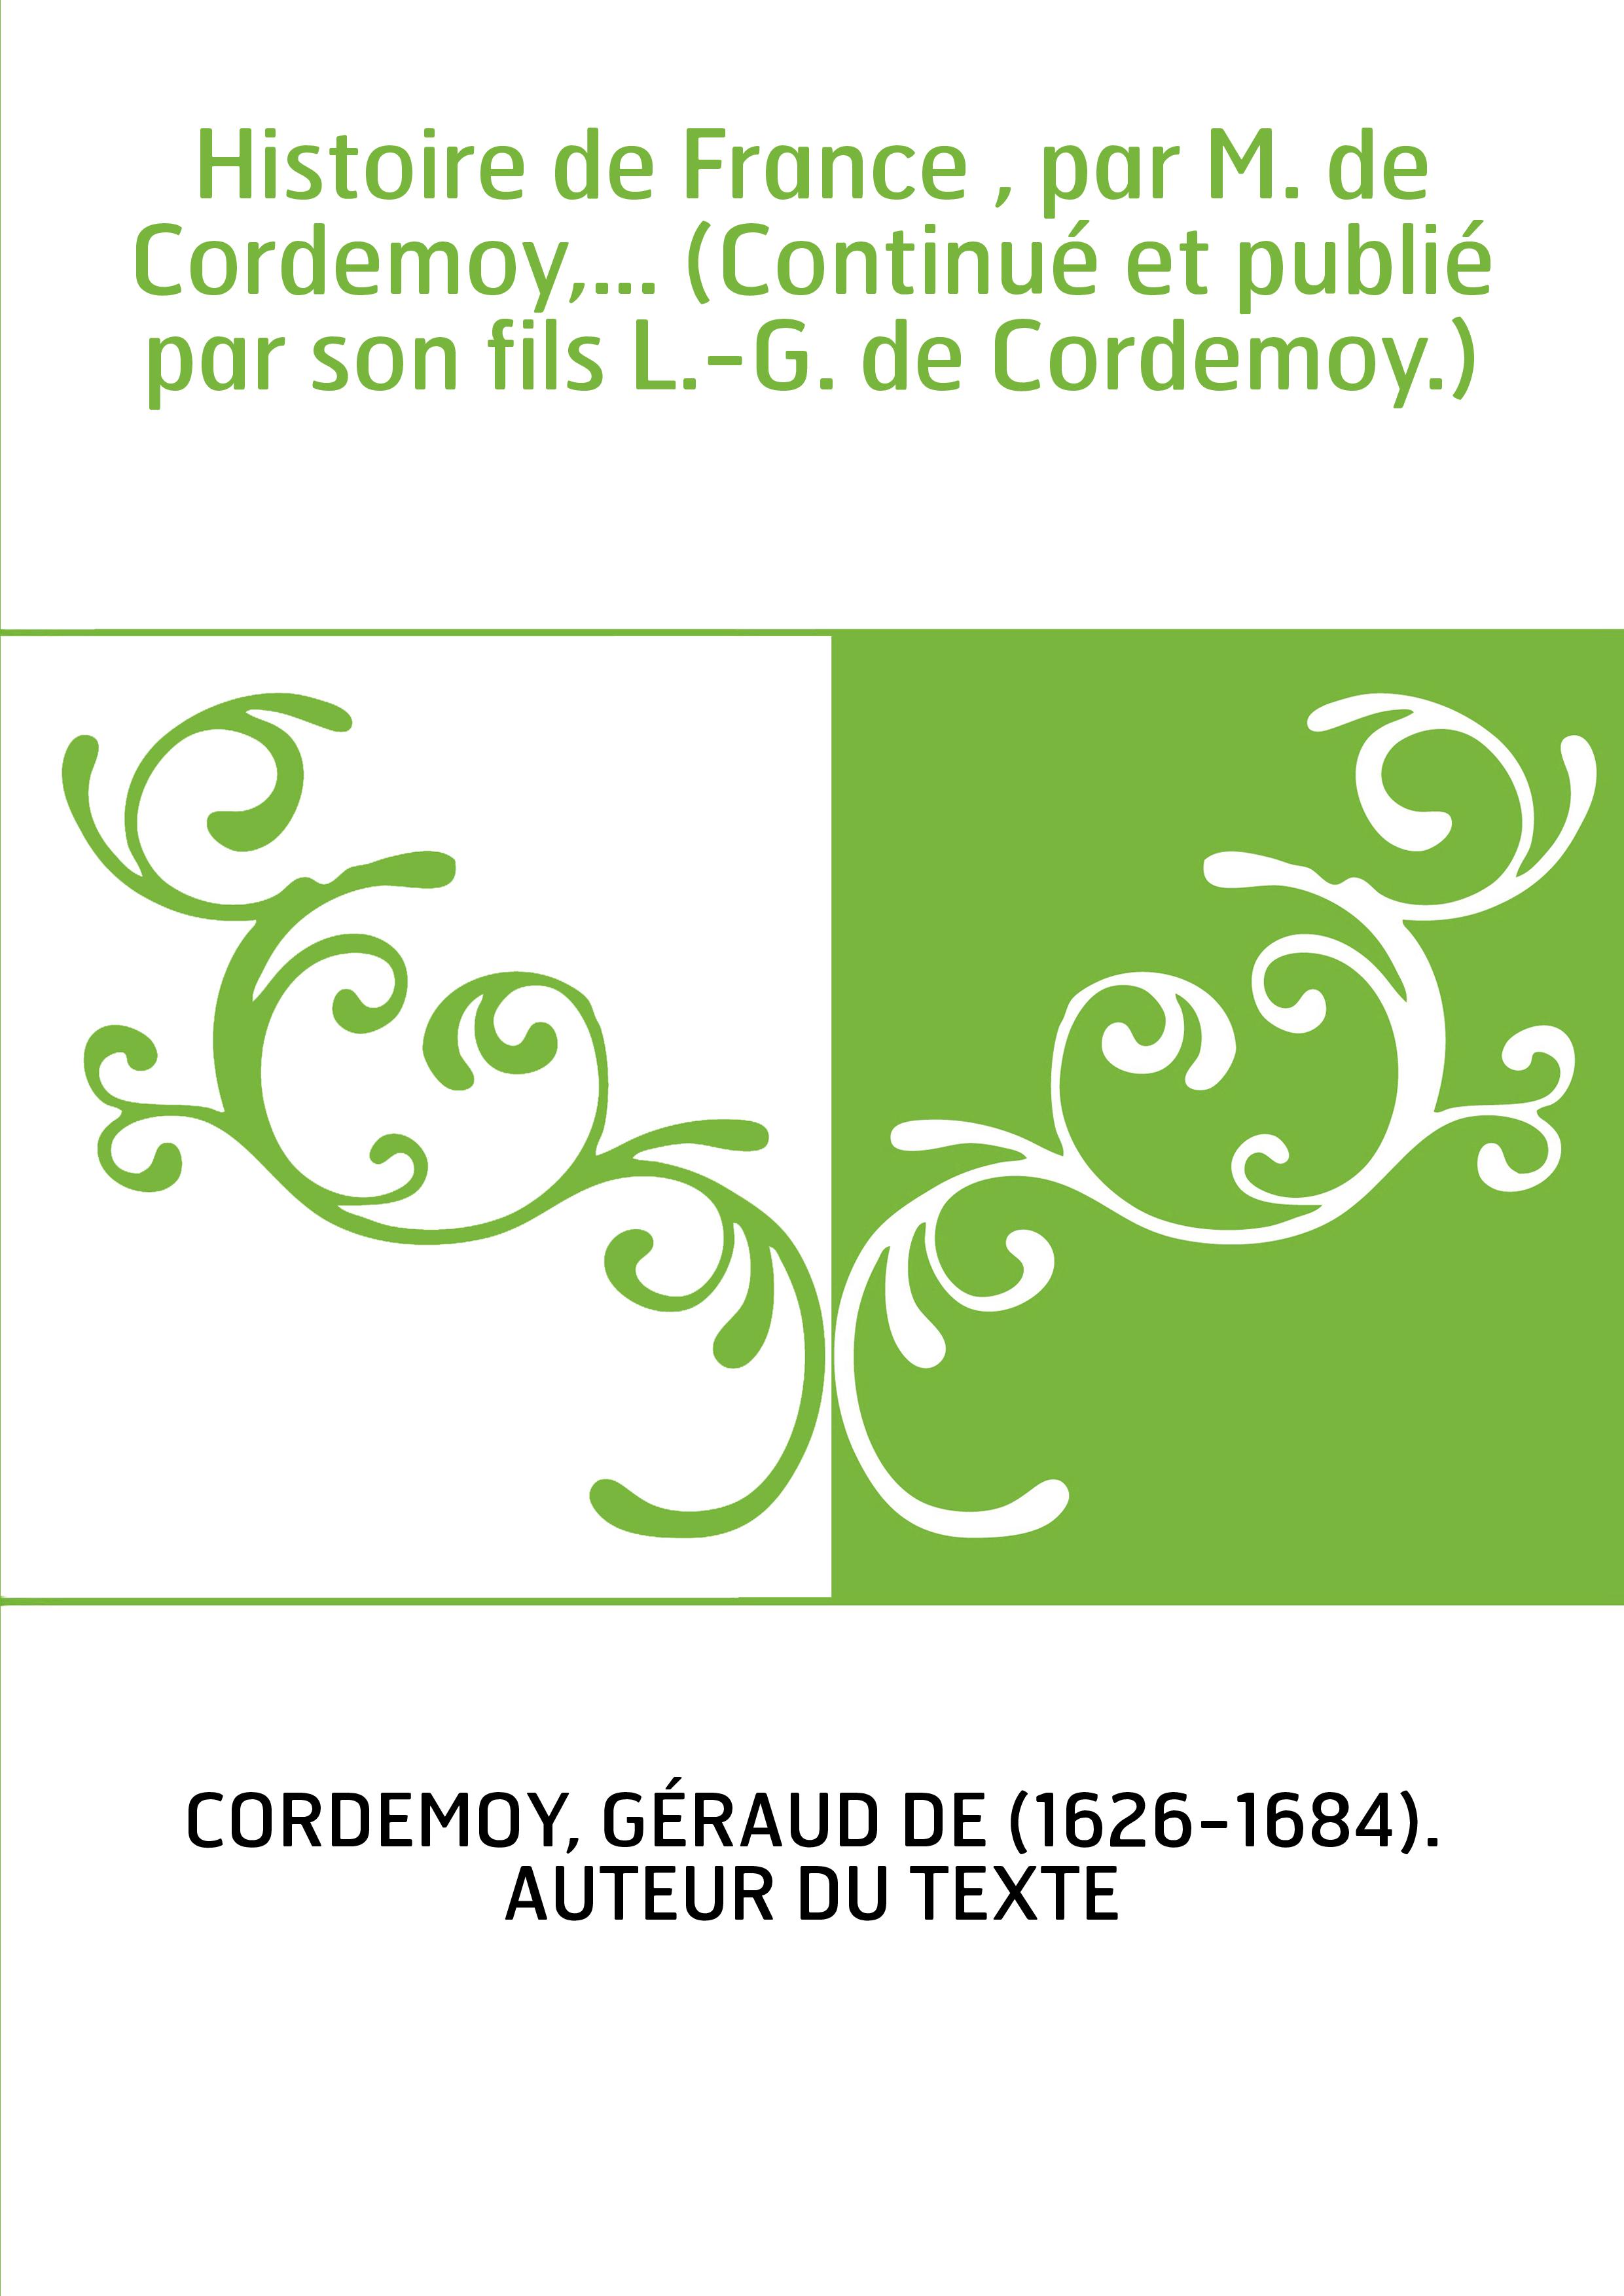 Histoire de France , par M. de Cordemoy,... (Continué et publié par son fils L.-G. de Cordemoy.)